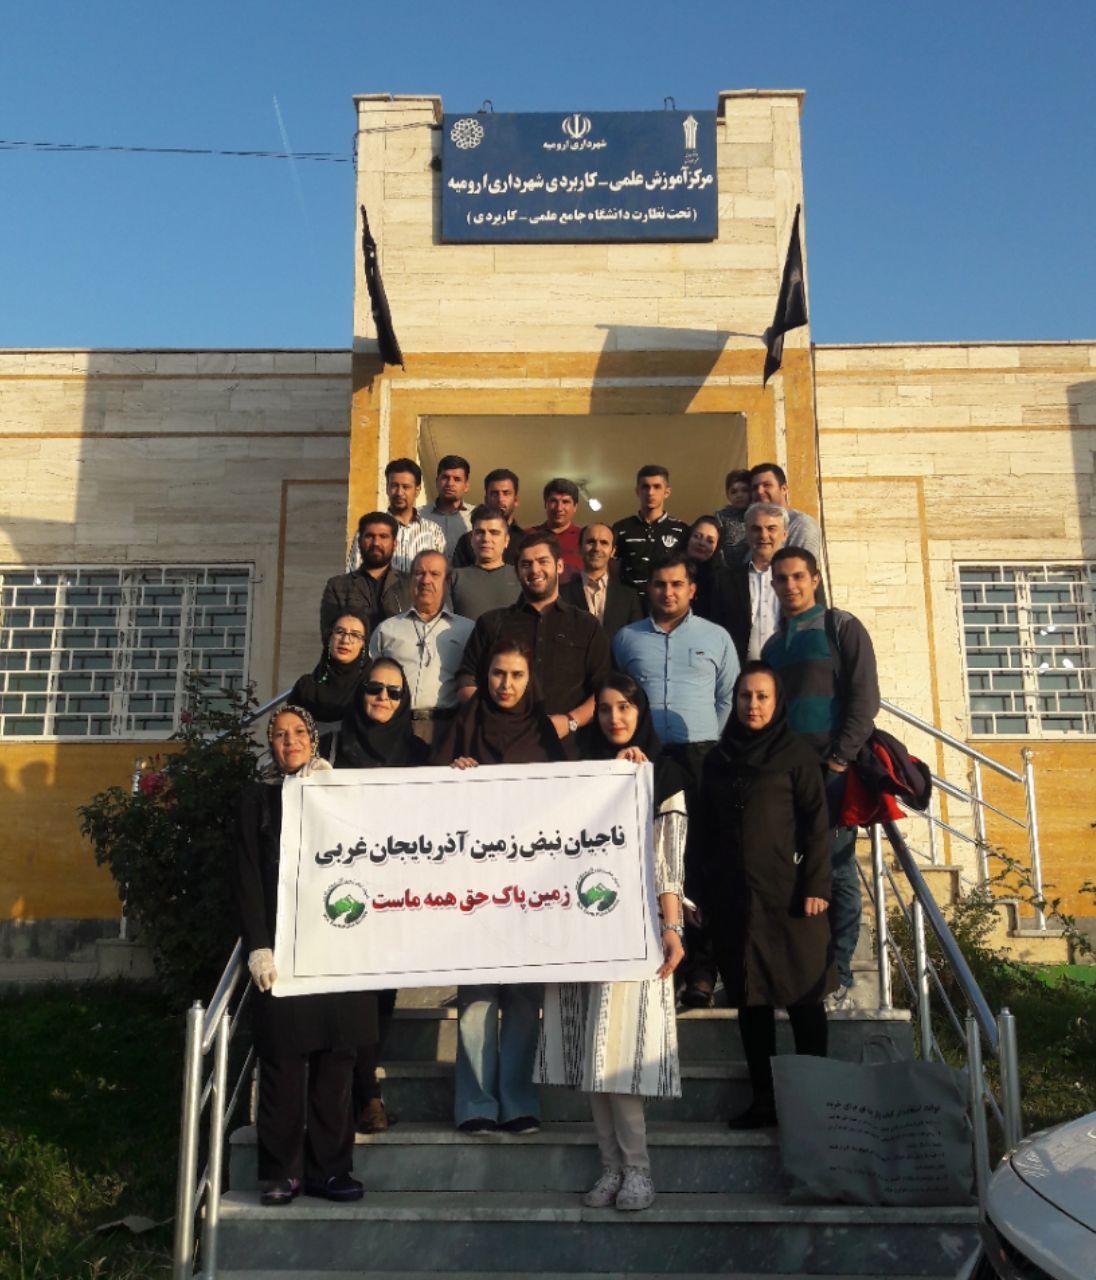 قرار سبز در شهر ارومیه استان آذربایجان غربی